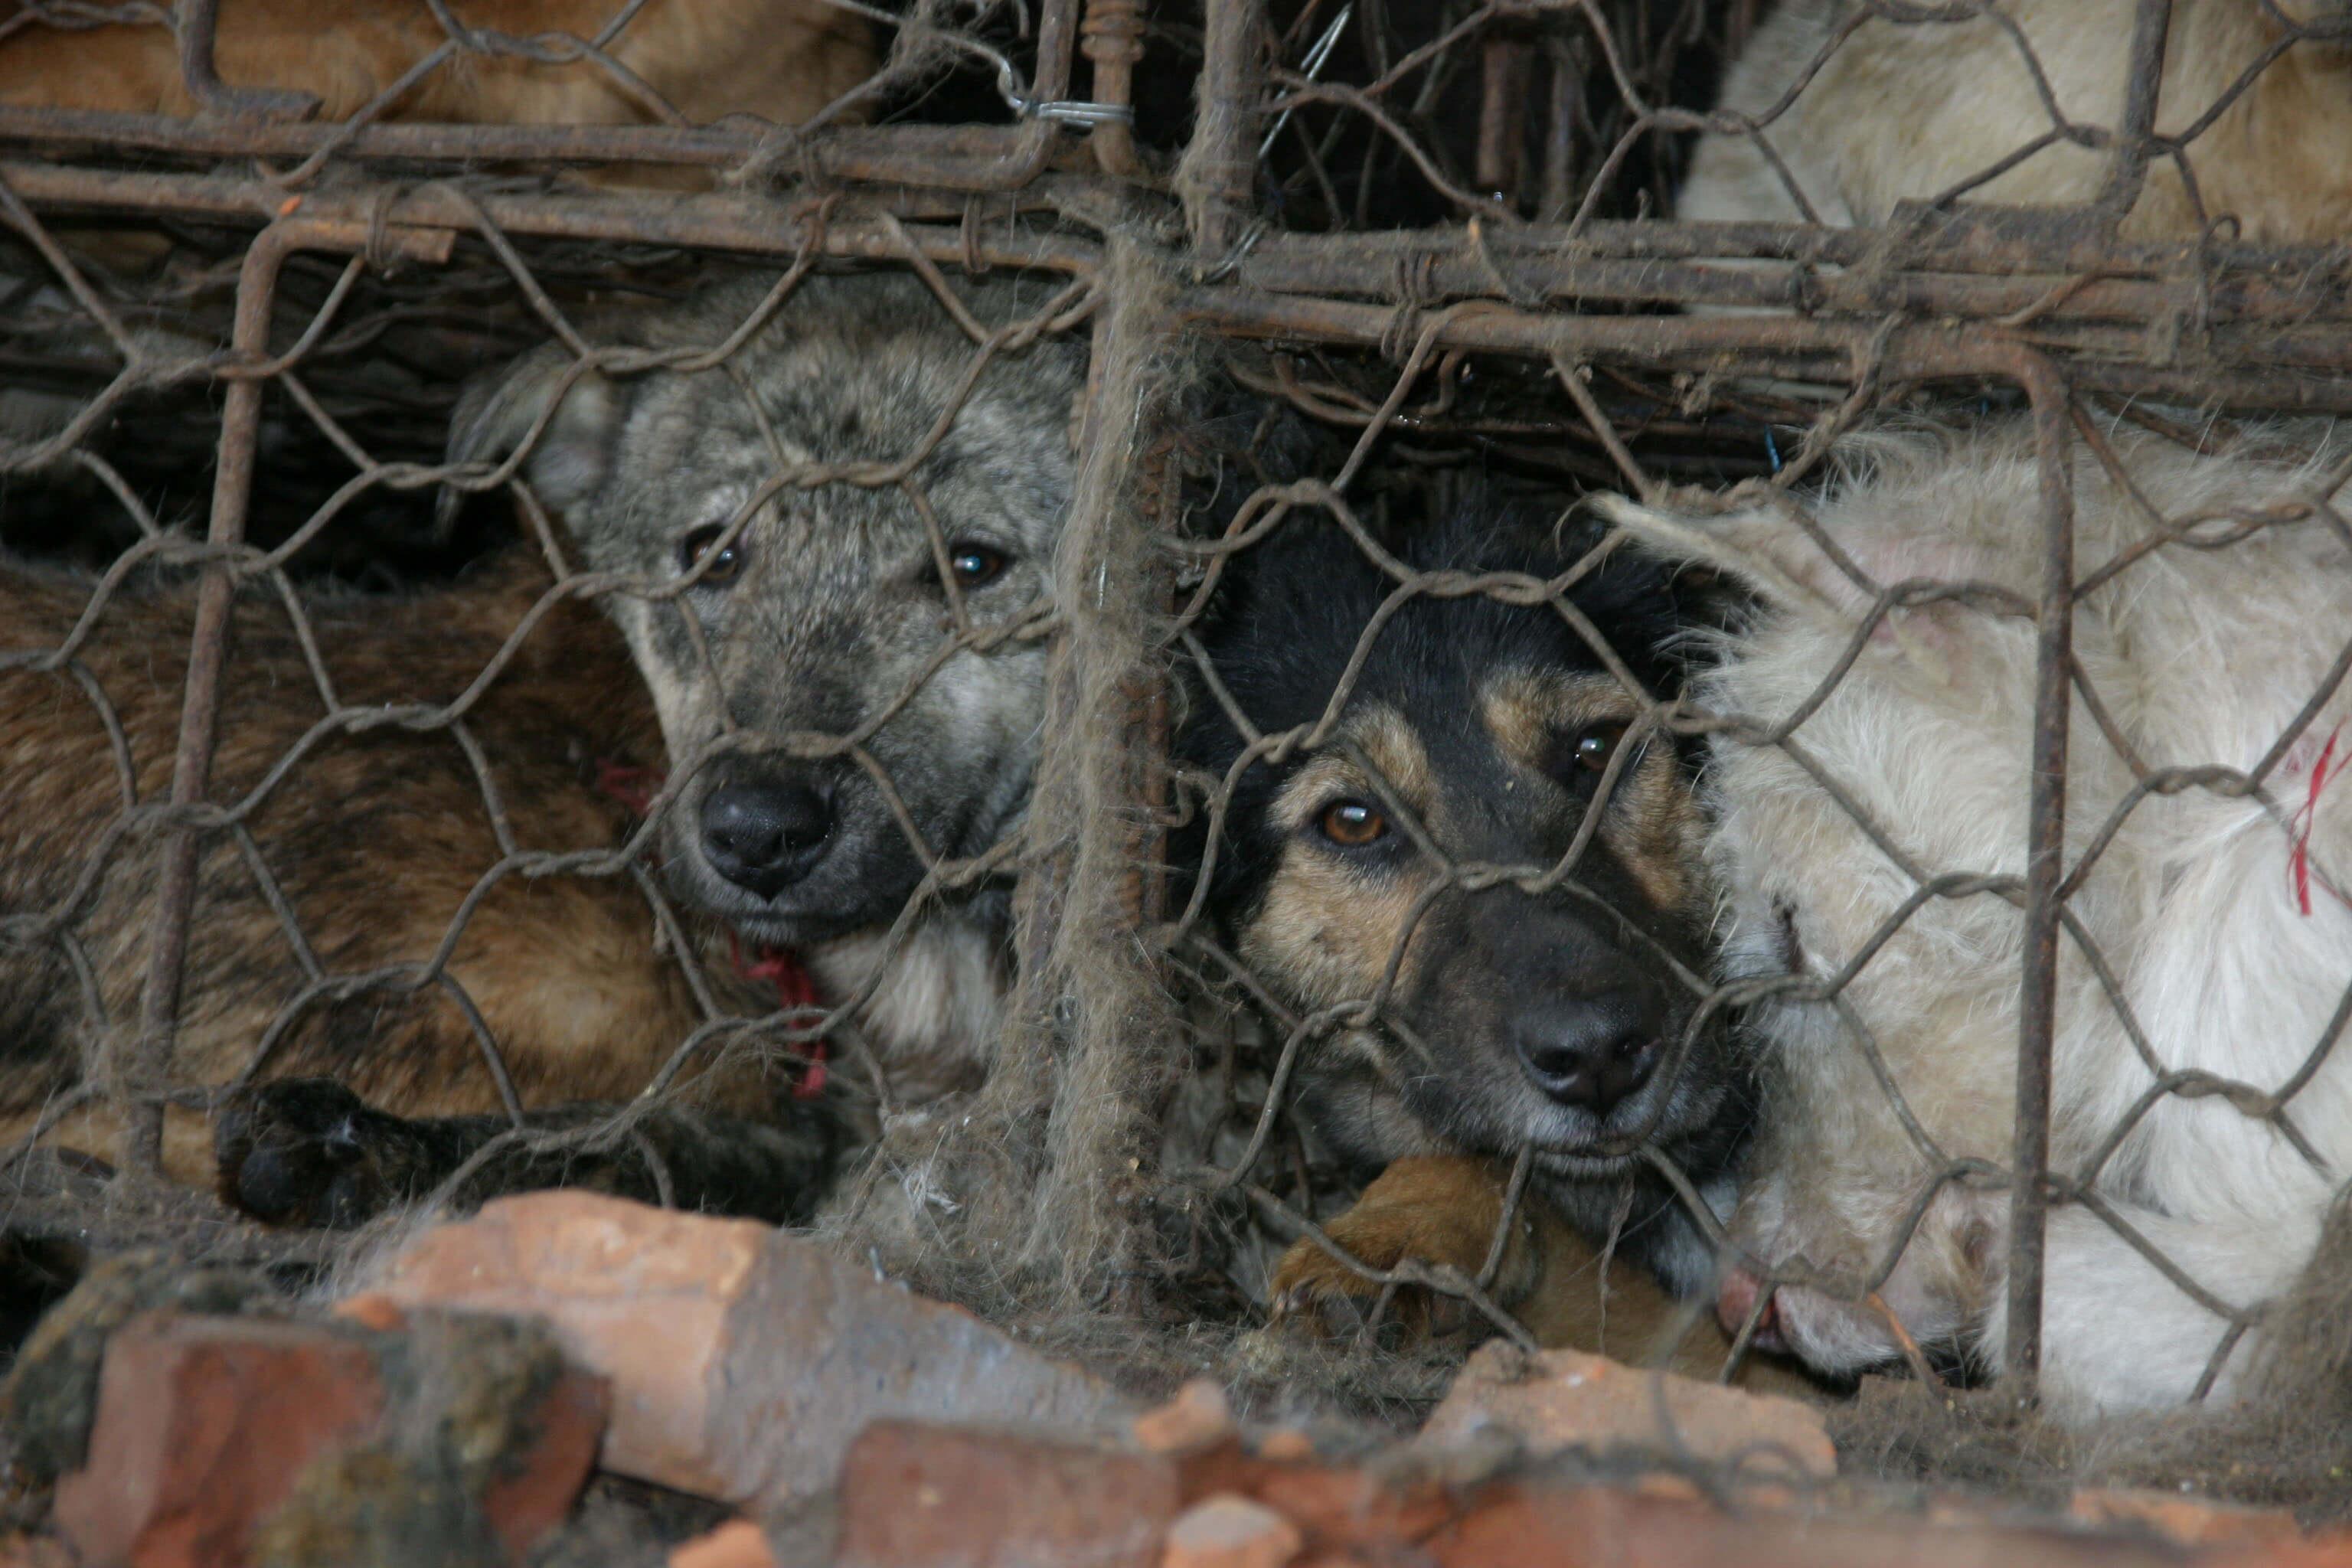 Le festival de la viande de chien de Yulin s'est ouvert cette semaine – pour la dernière fois, espérons-le